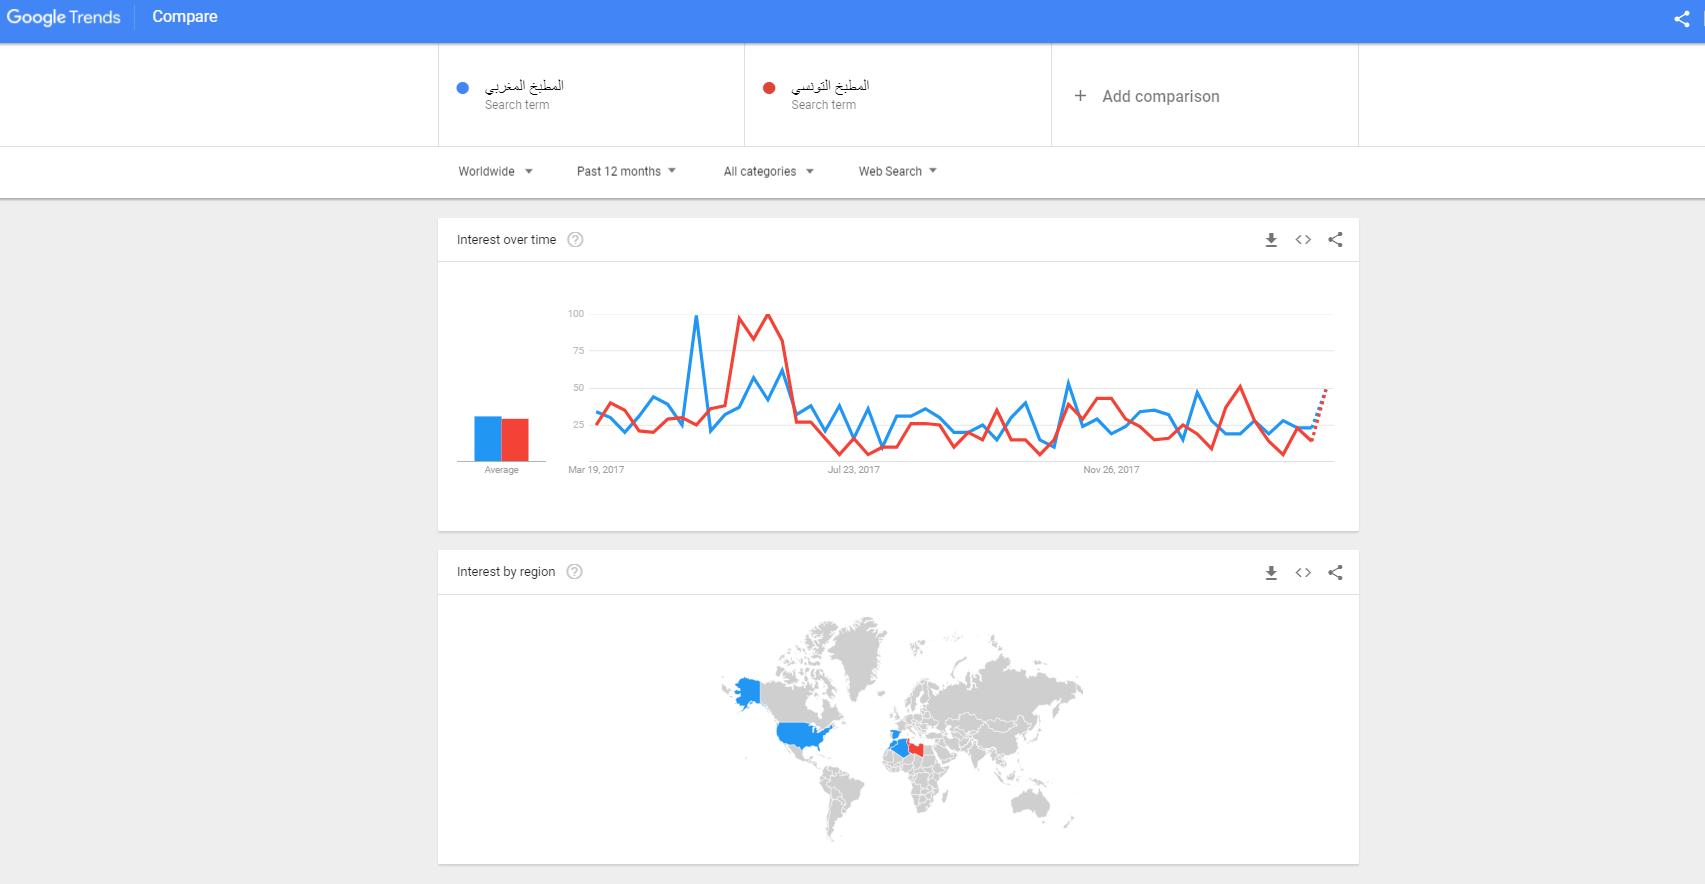 جوجل تريندز هي أداة تساعدك في التعرف على اتجاهات المستخدمين في البحث